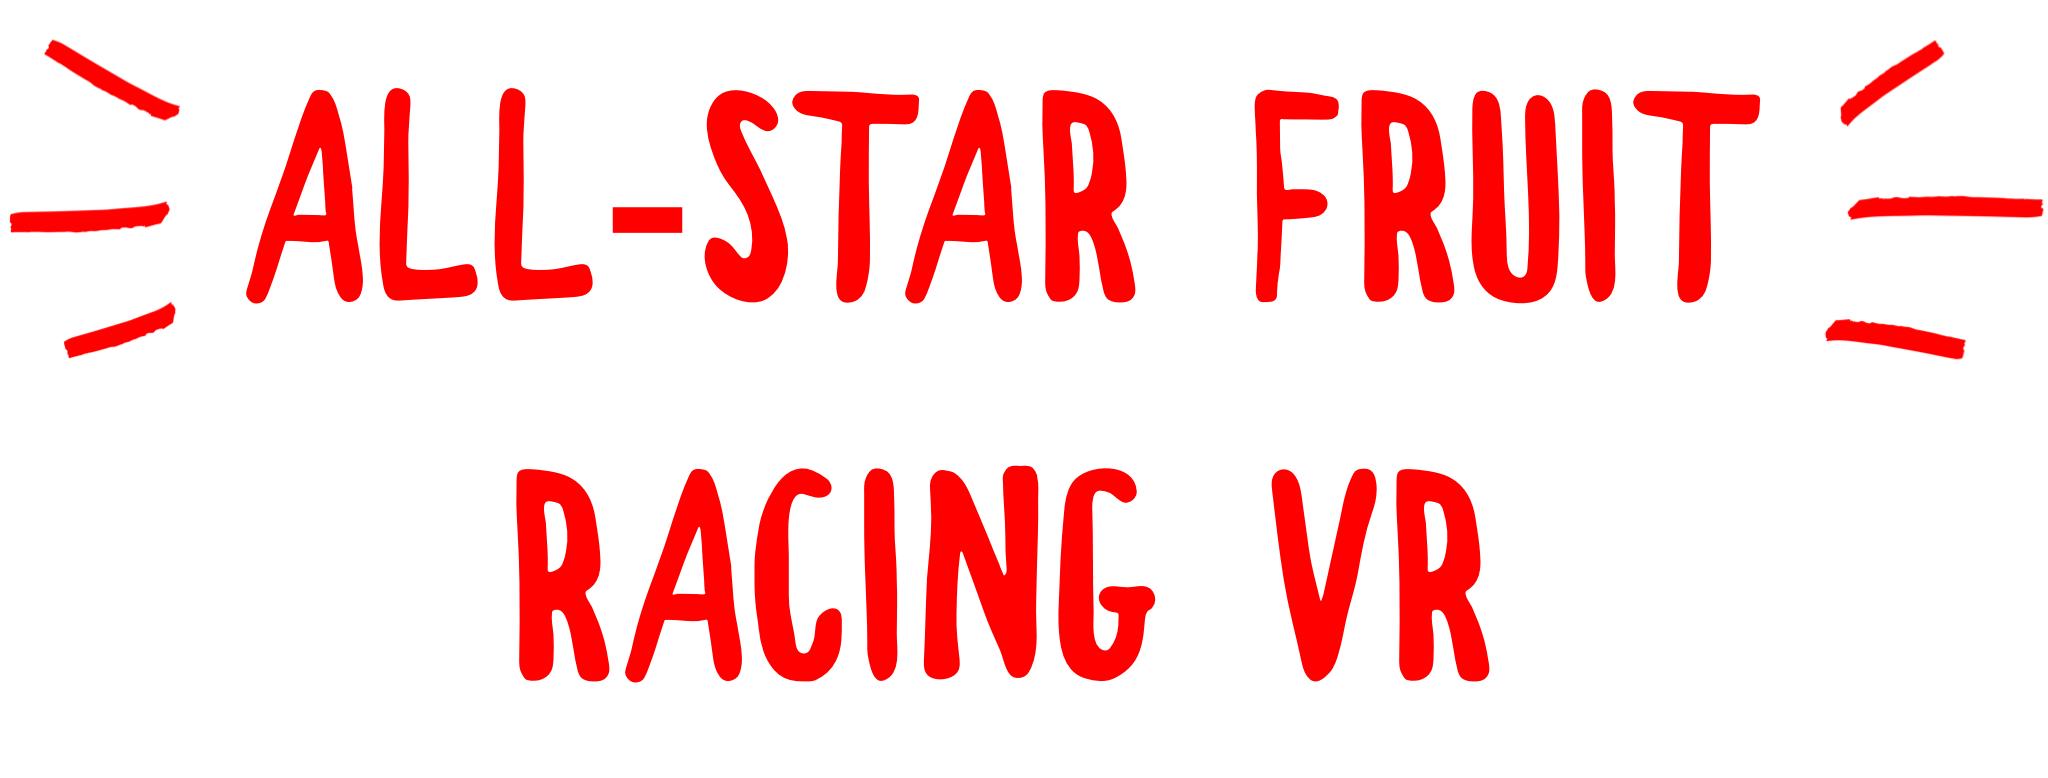 All Star FRVR header